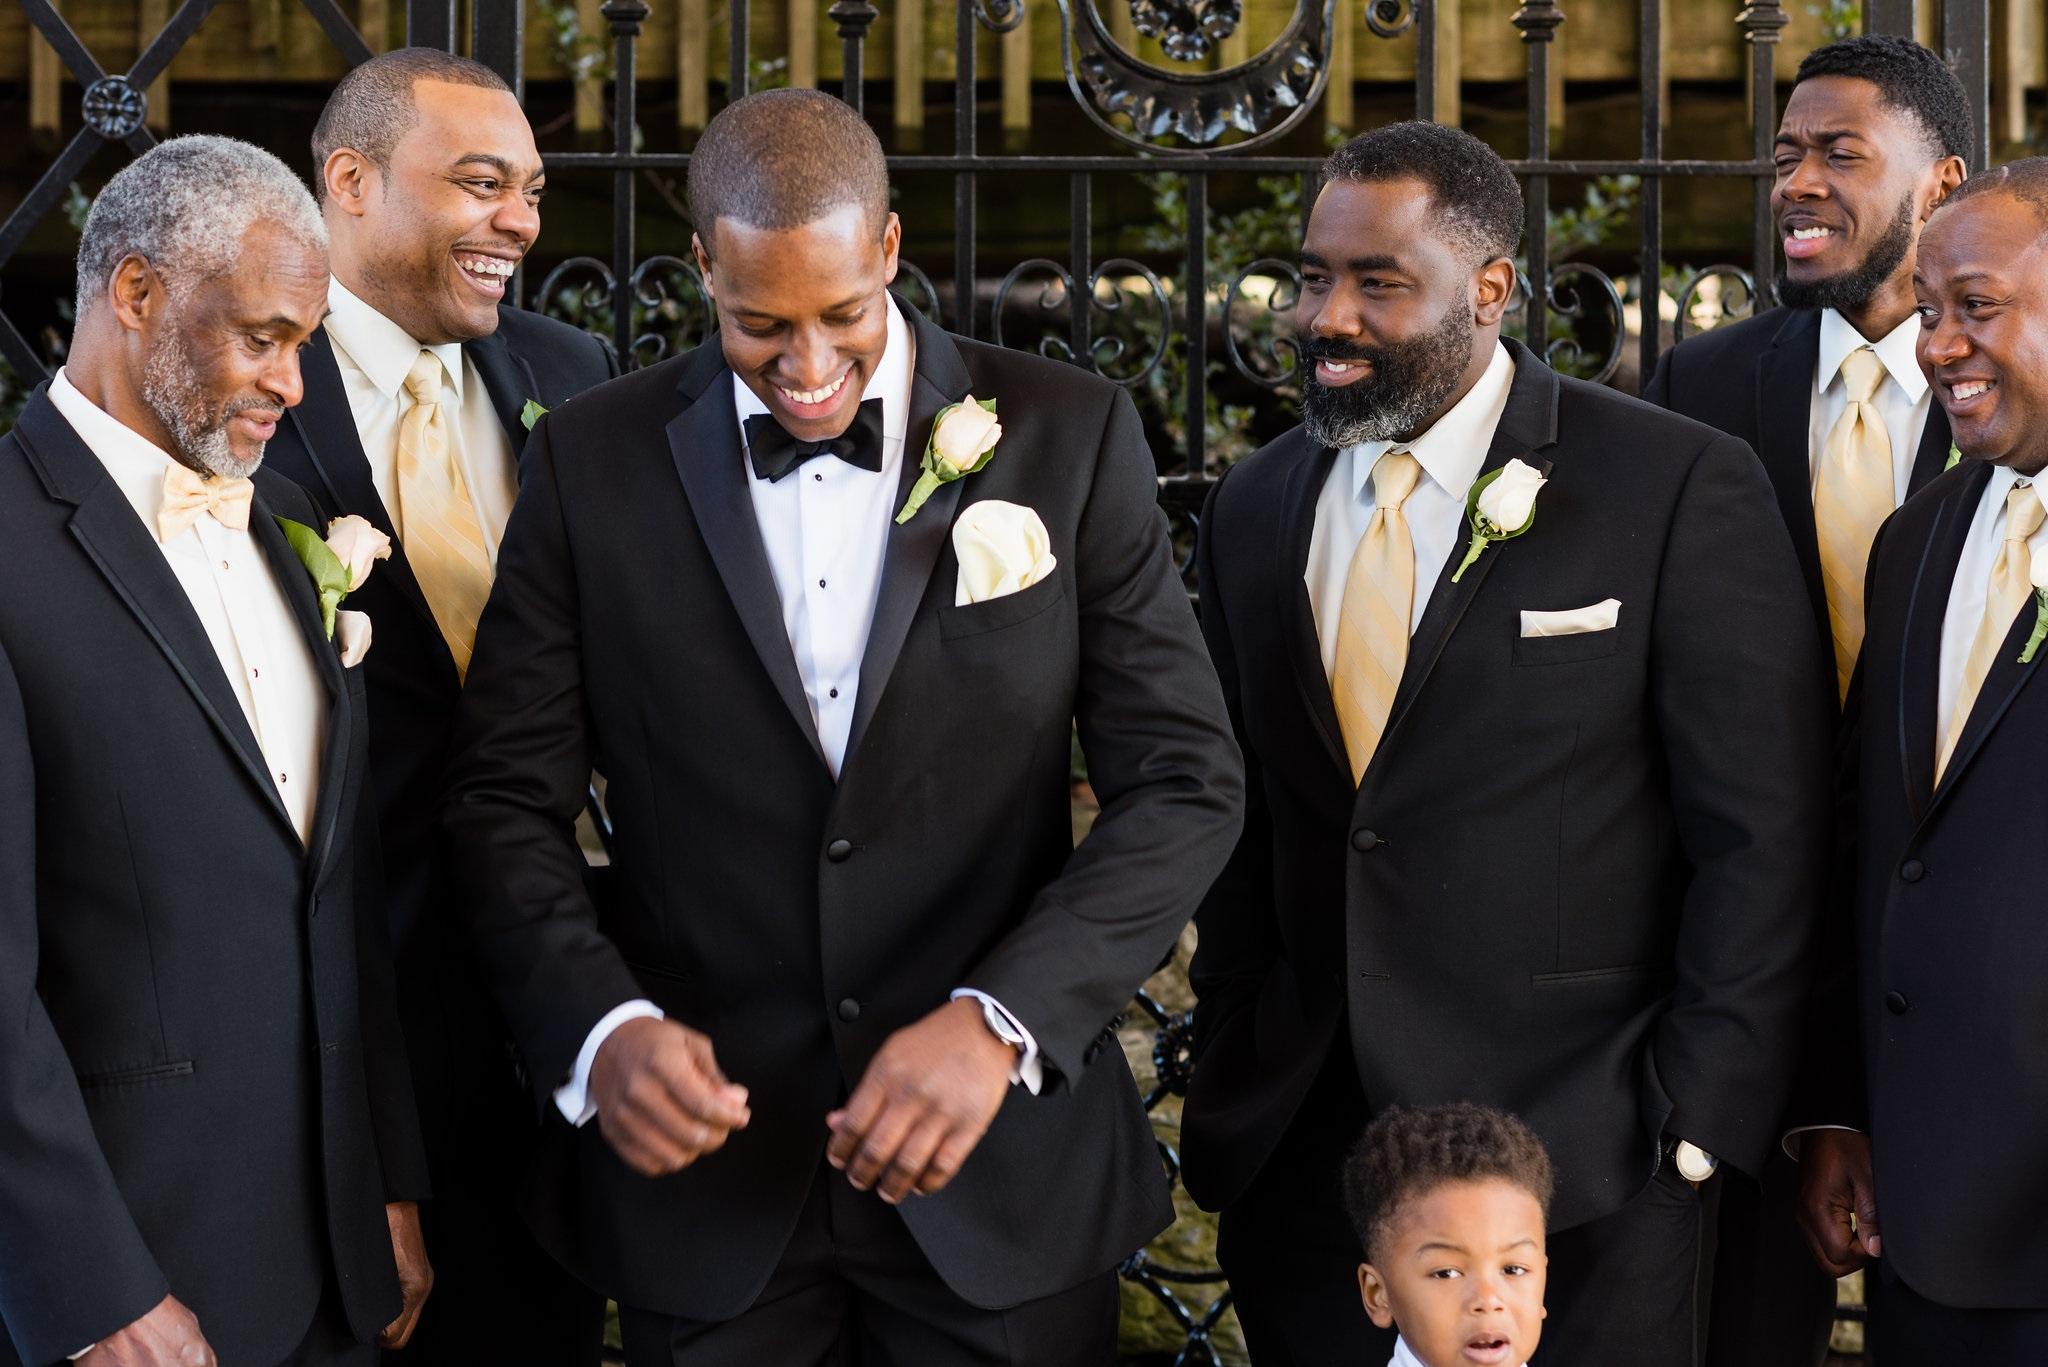 wedding groom and groomsmen.jpg